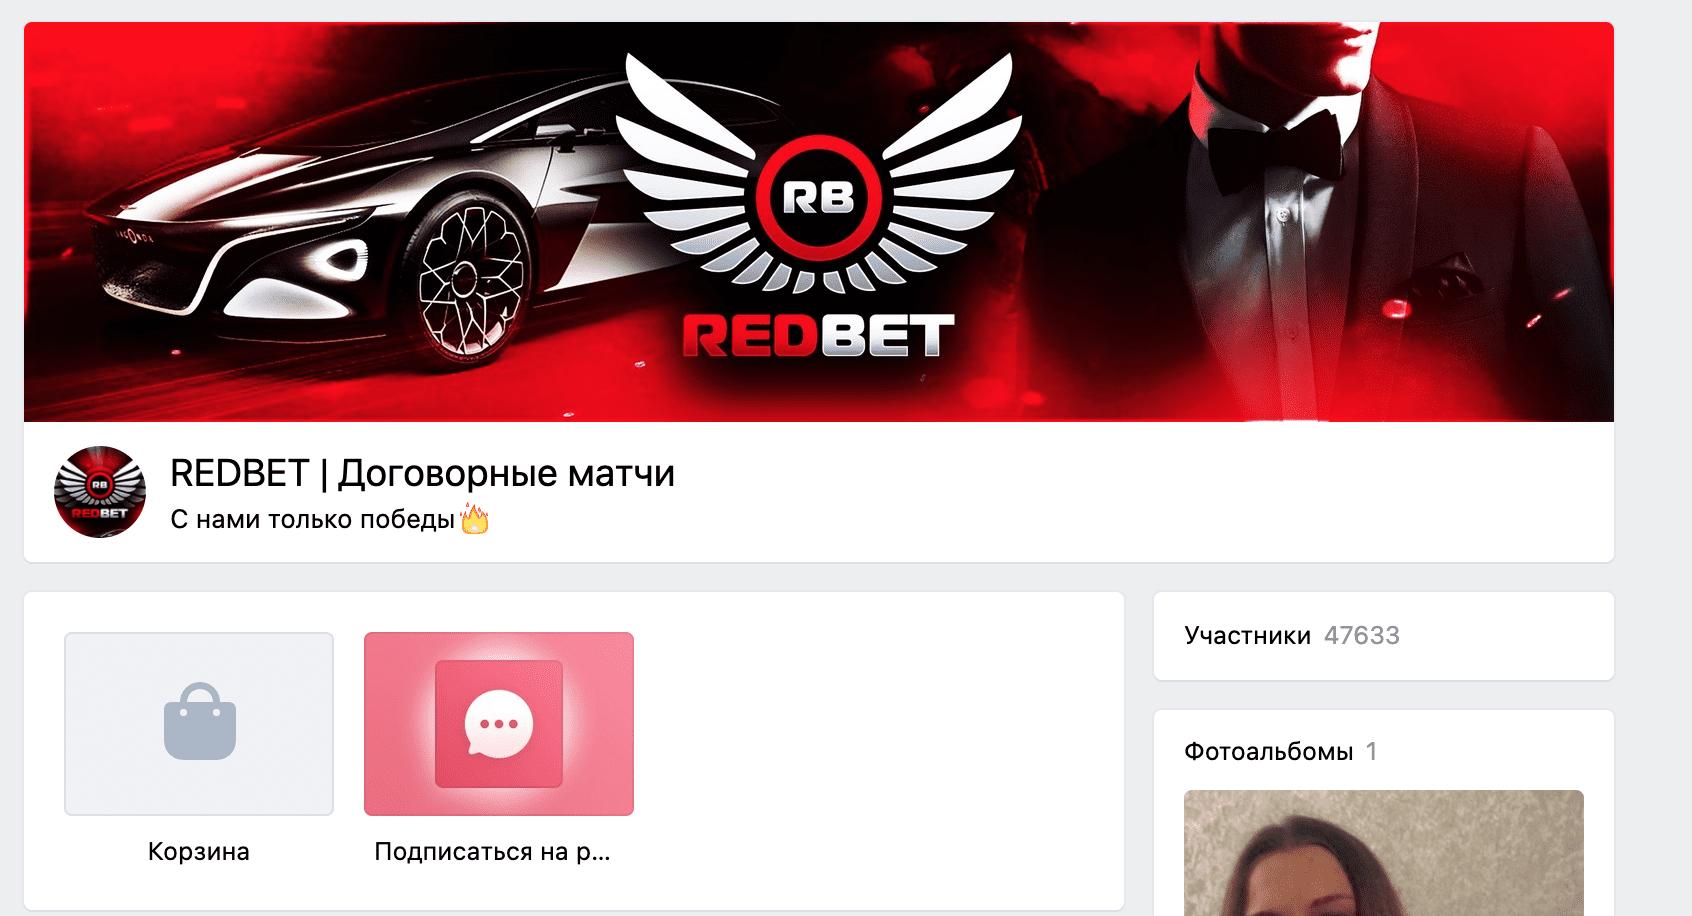 Группа ВК Redbet(Ред Бет)